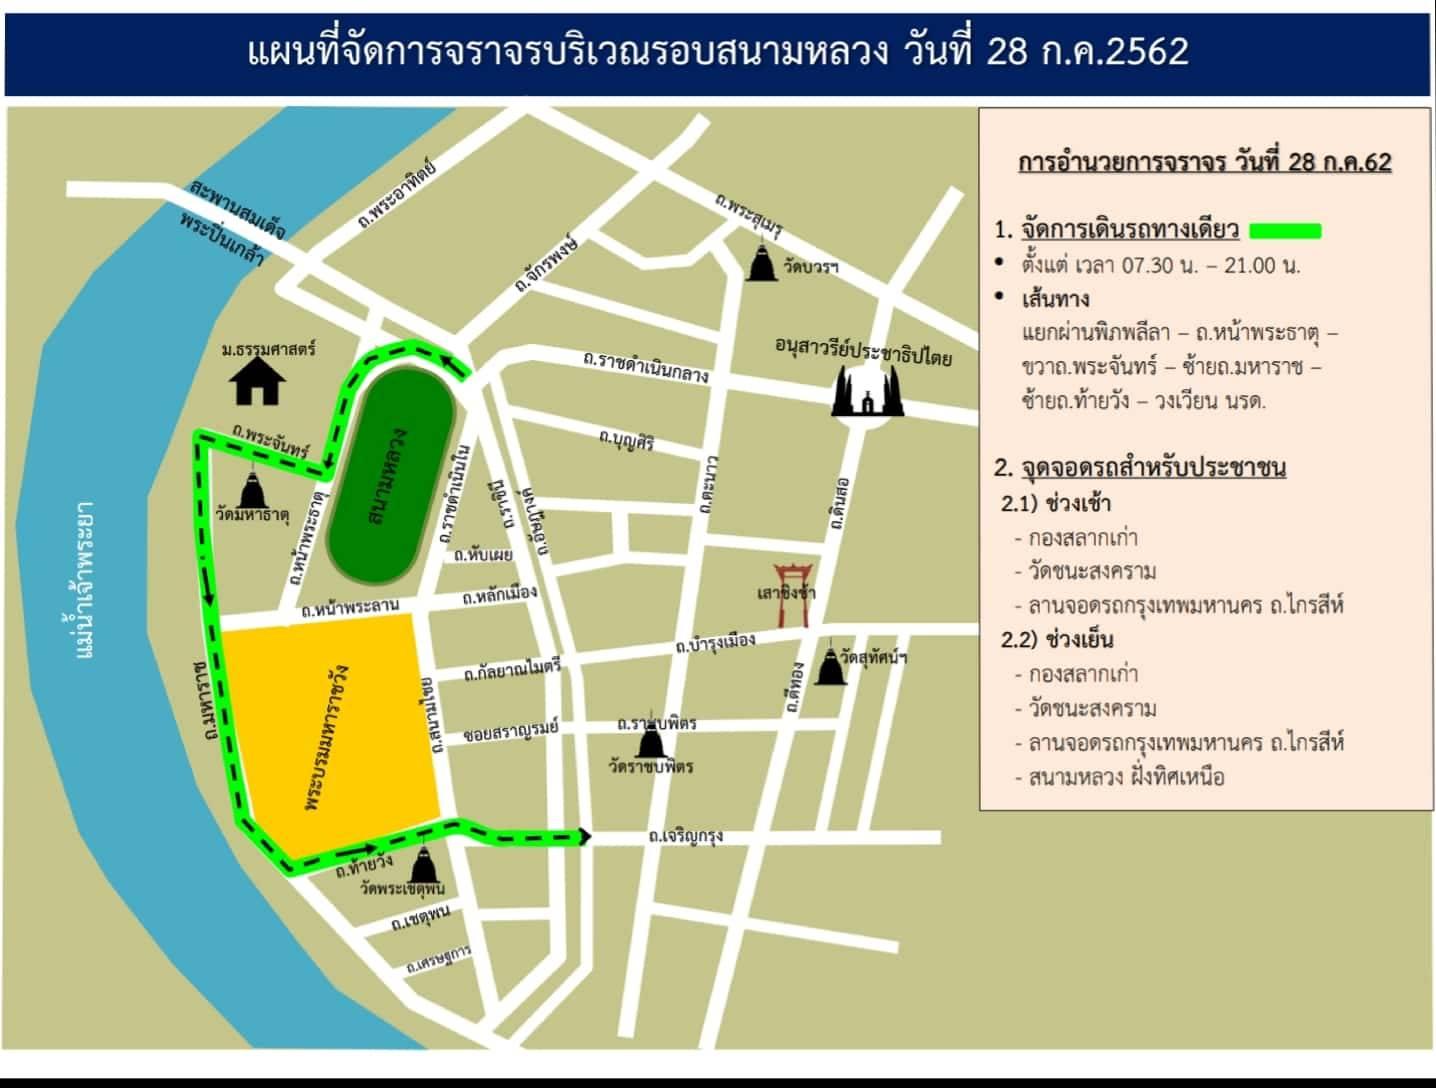 ททท.จัดการแข่งขัน Amazing Thailand